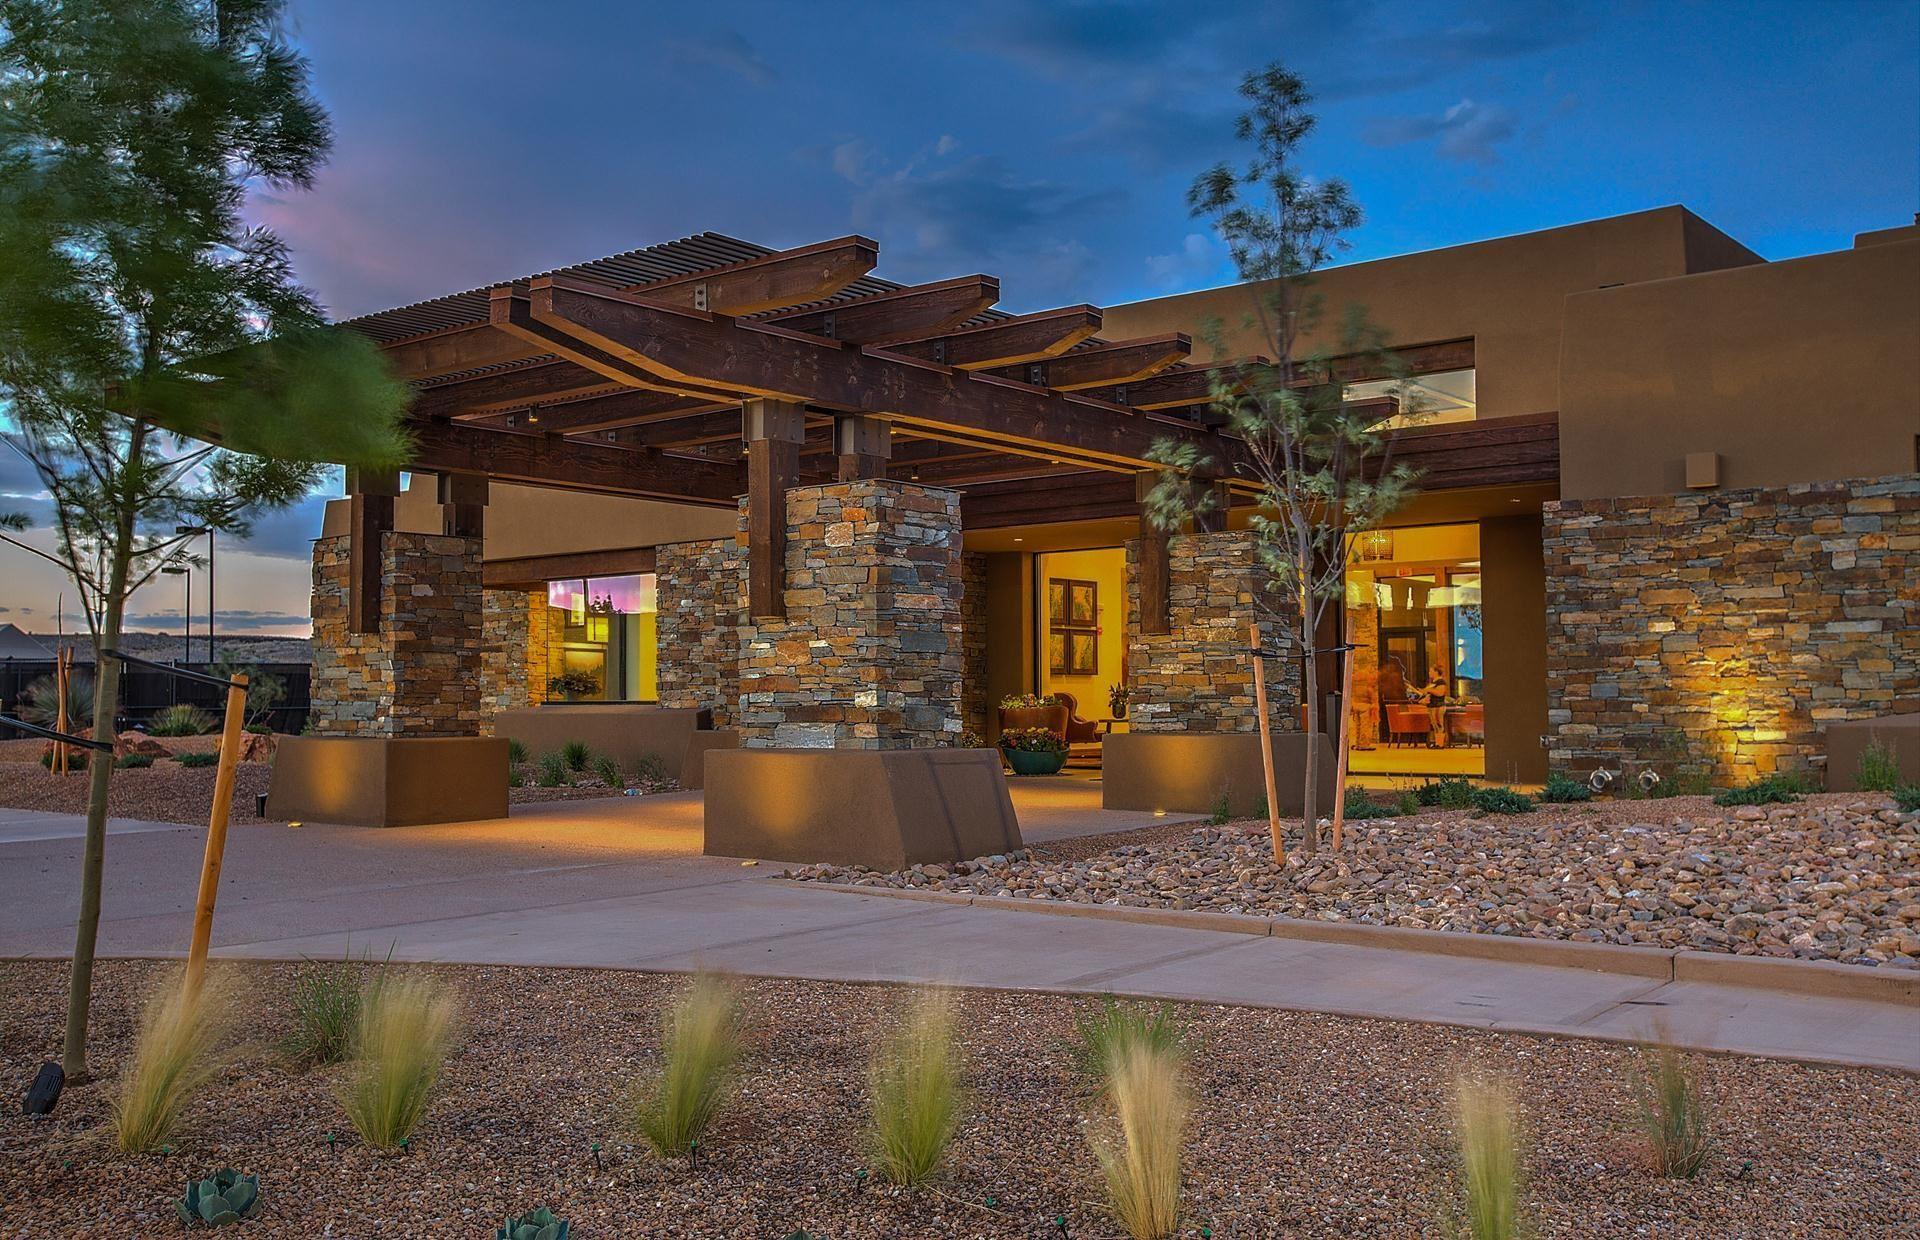 Photo of 1619 Buffalo Brook Way NW, Albuquerque, NM 87120 (MLS # 994413)